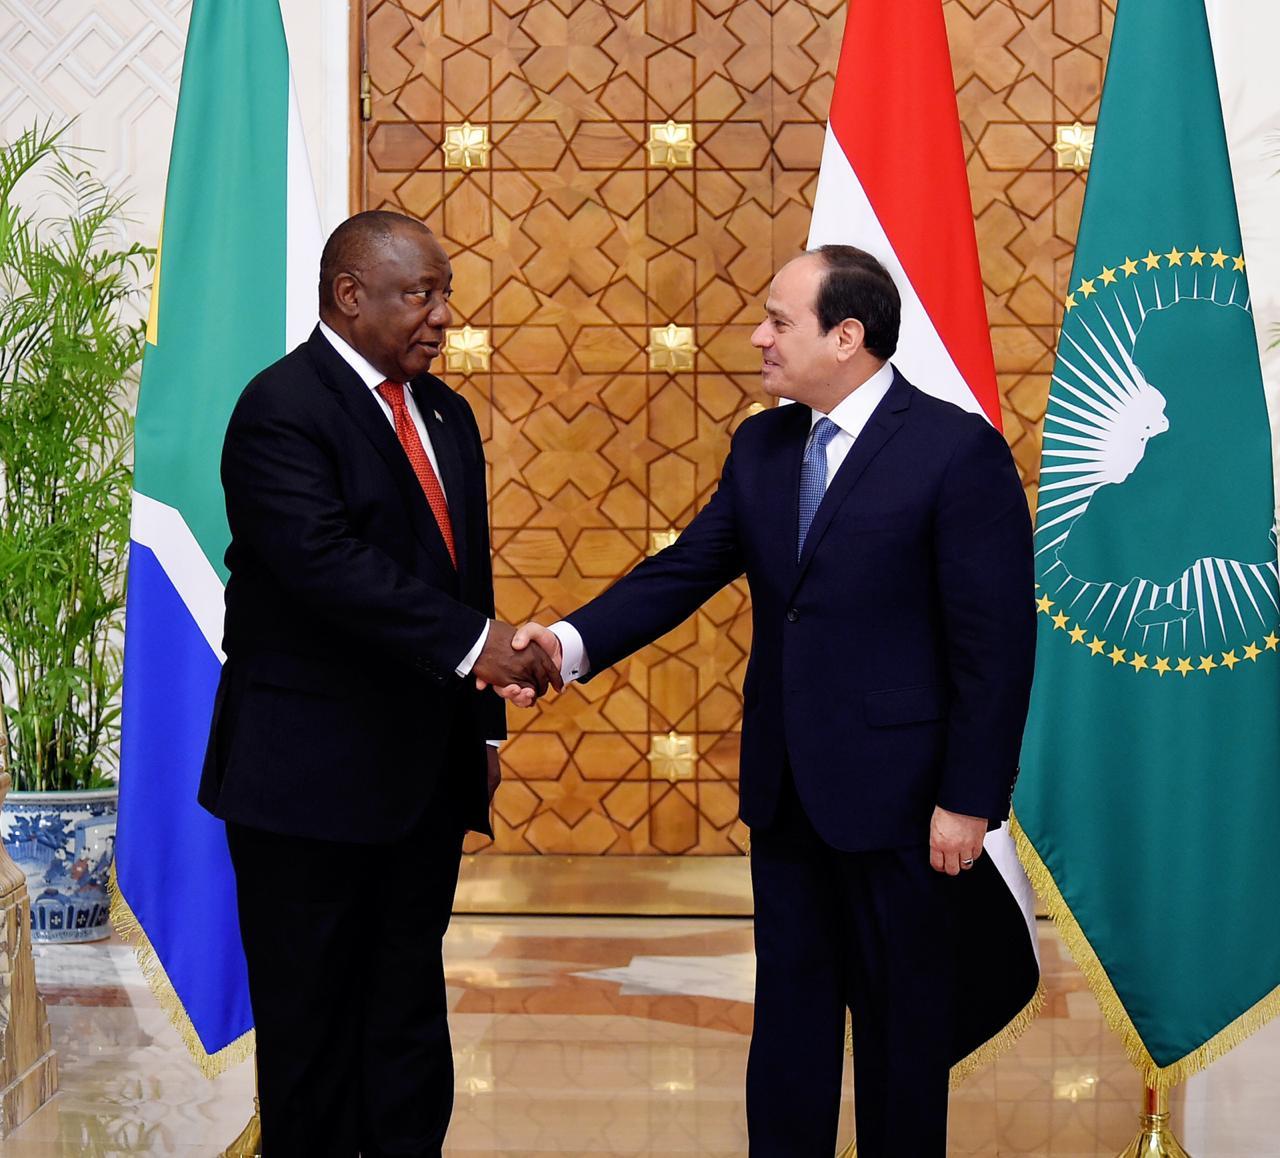 الرئيس السيسي لنظيره الجنوب أفريقي سير يل رامافوزا  استقبال رئيس جنوب أفريقيا